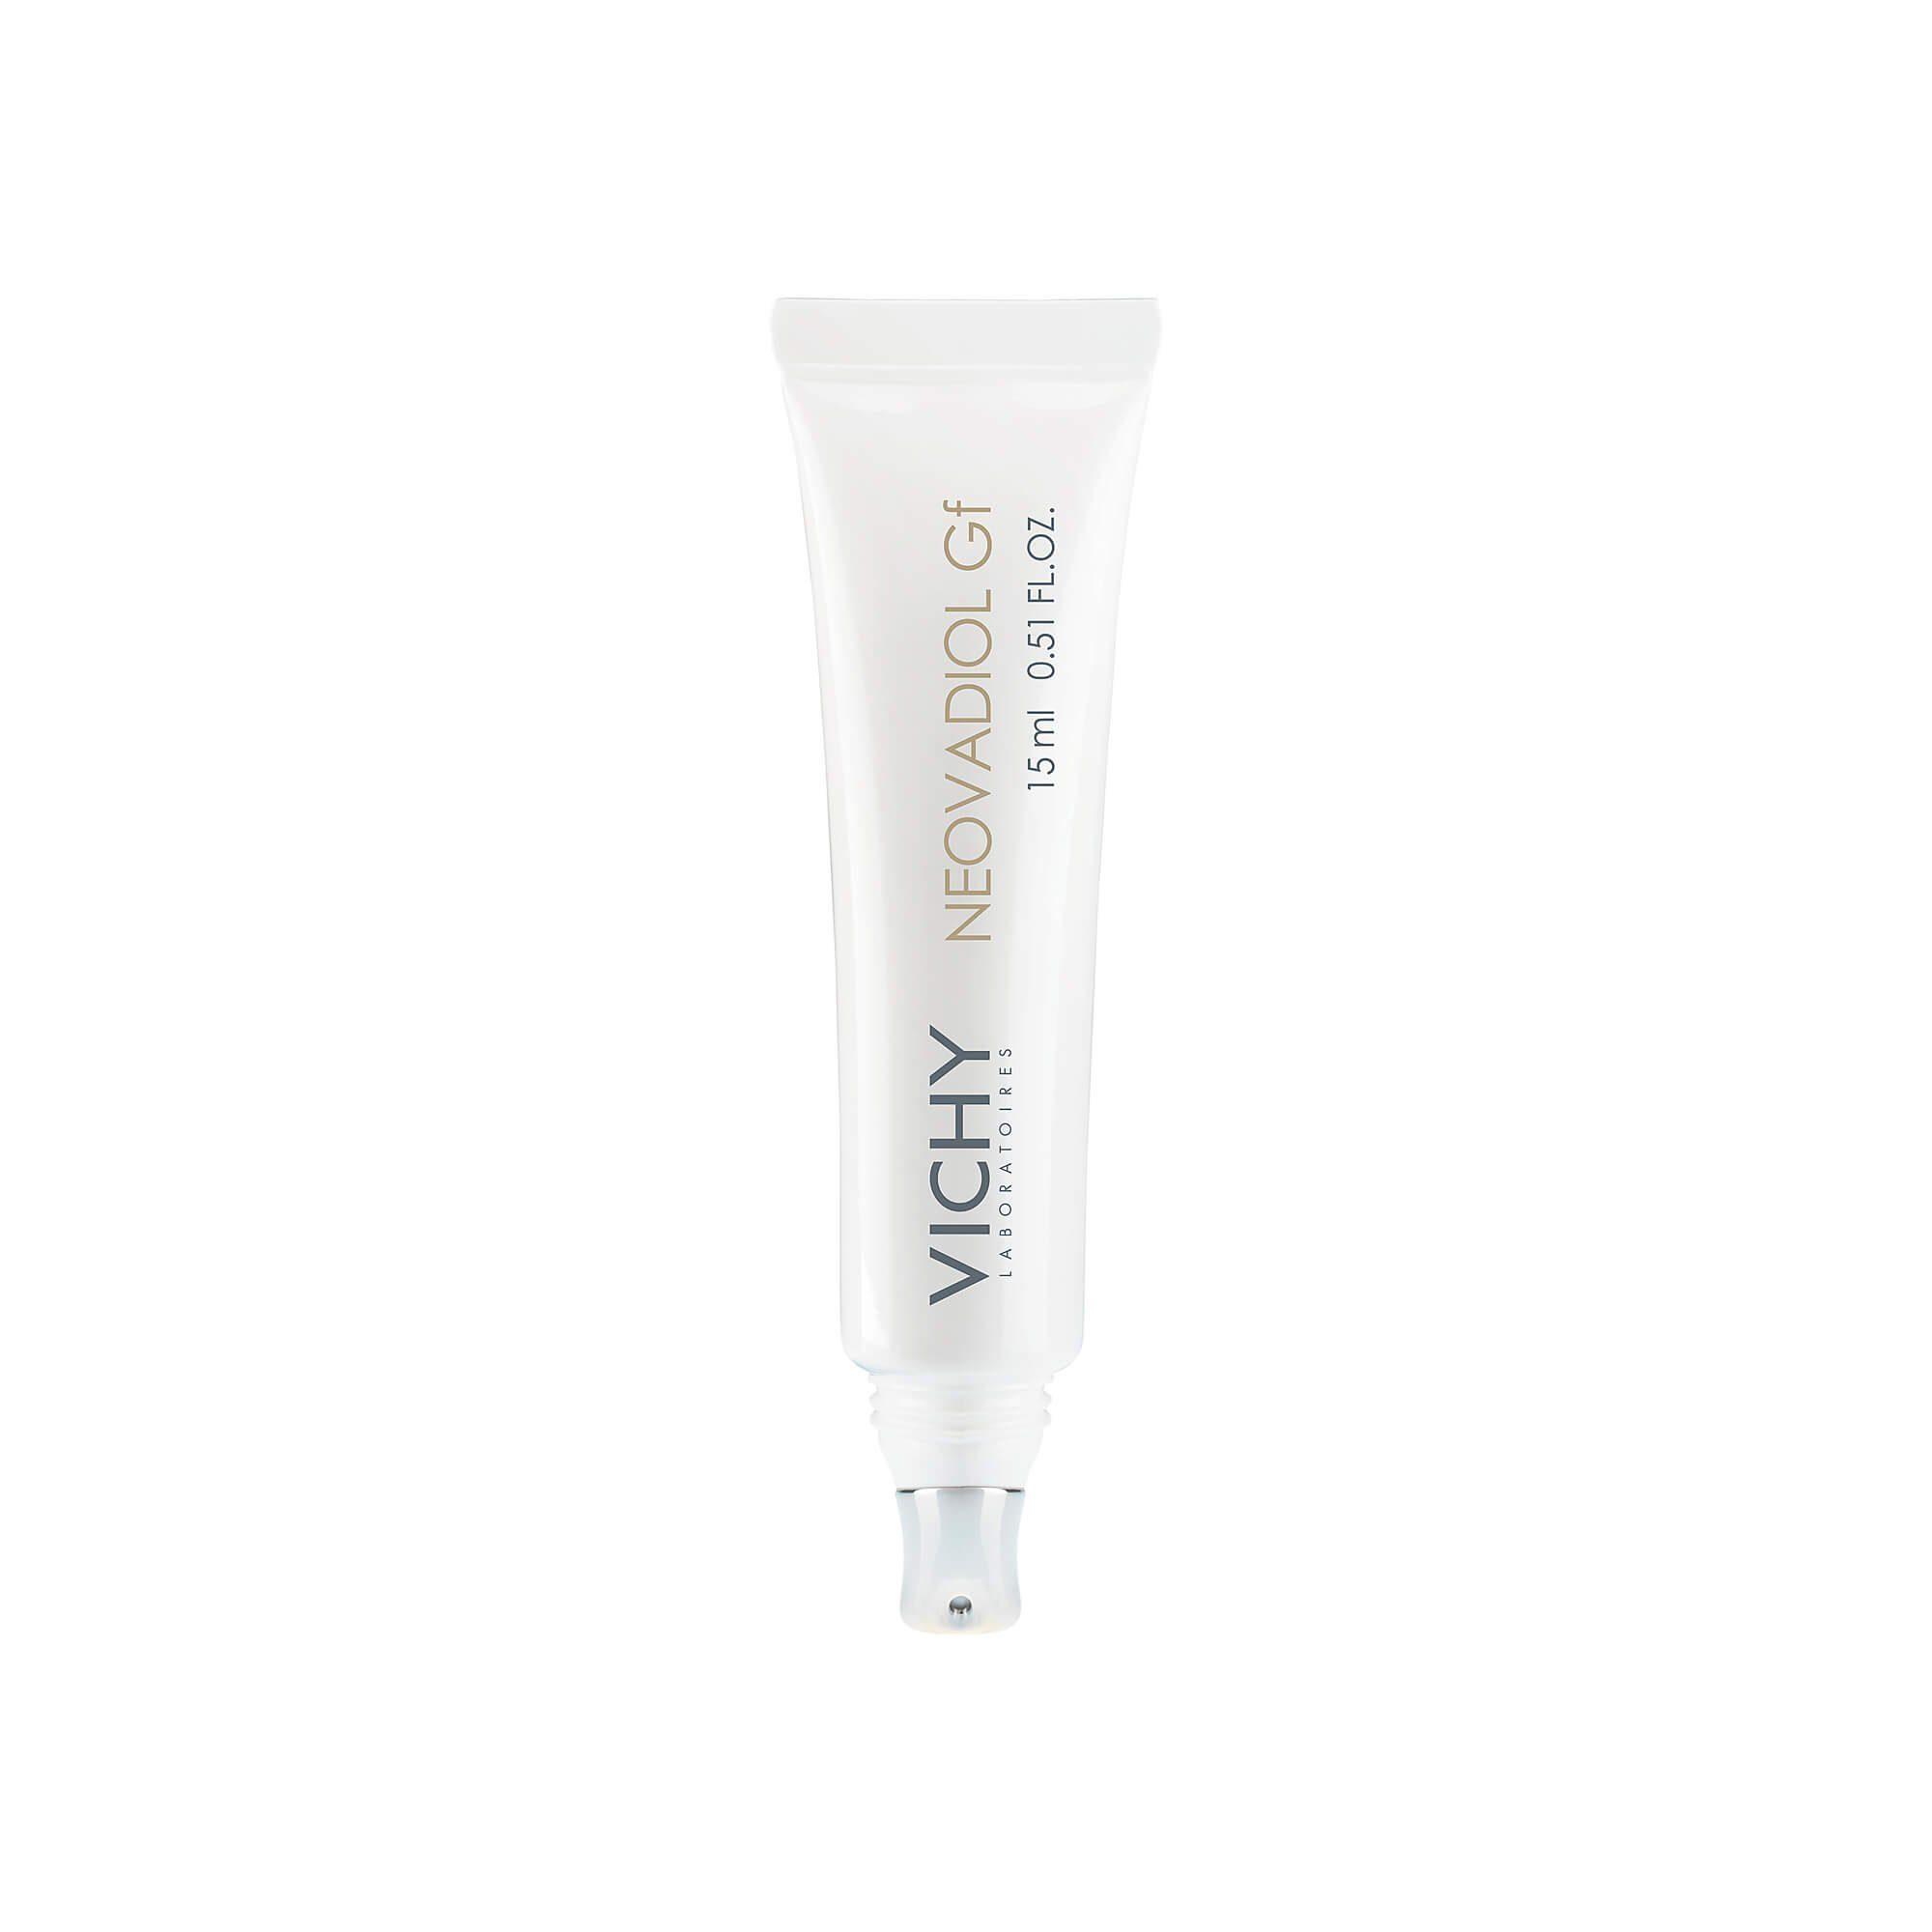 Vichy Neovadiol GF Konturen Lippen und Augen Creme, 15 ml